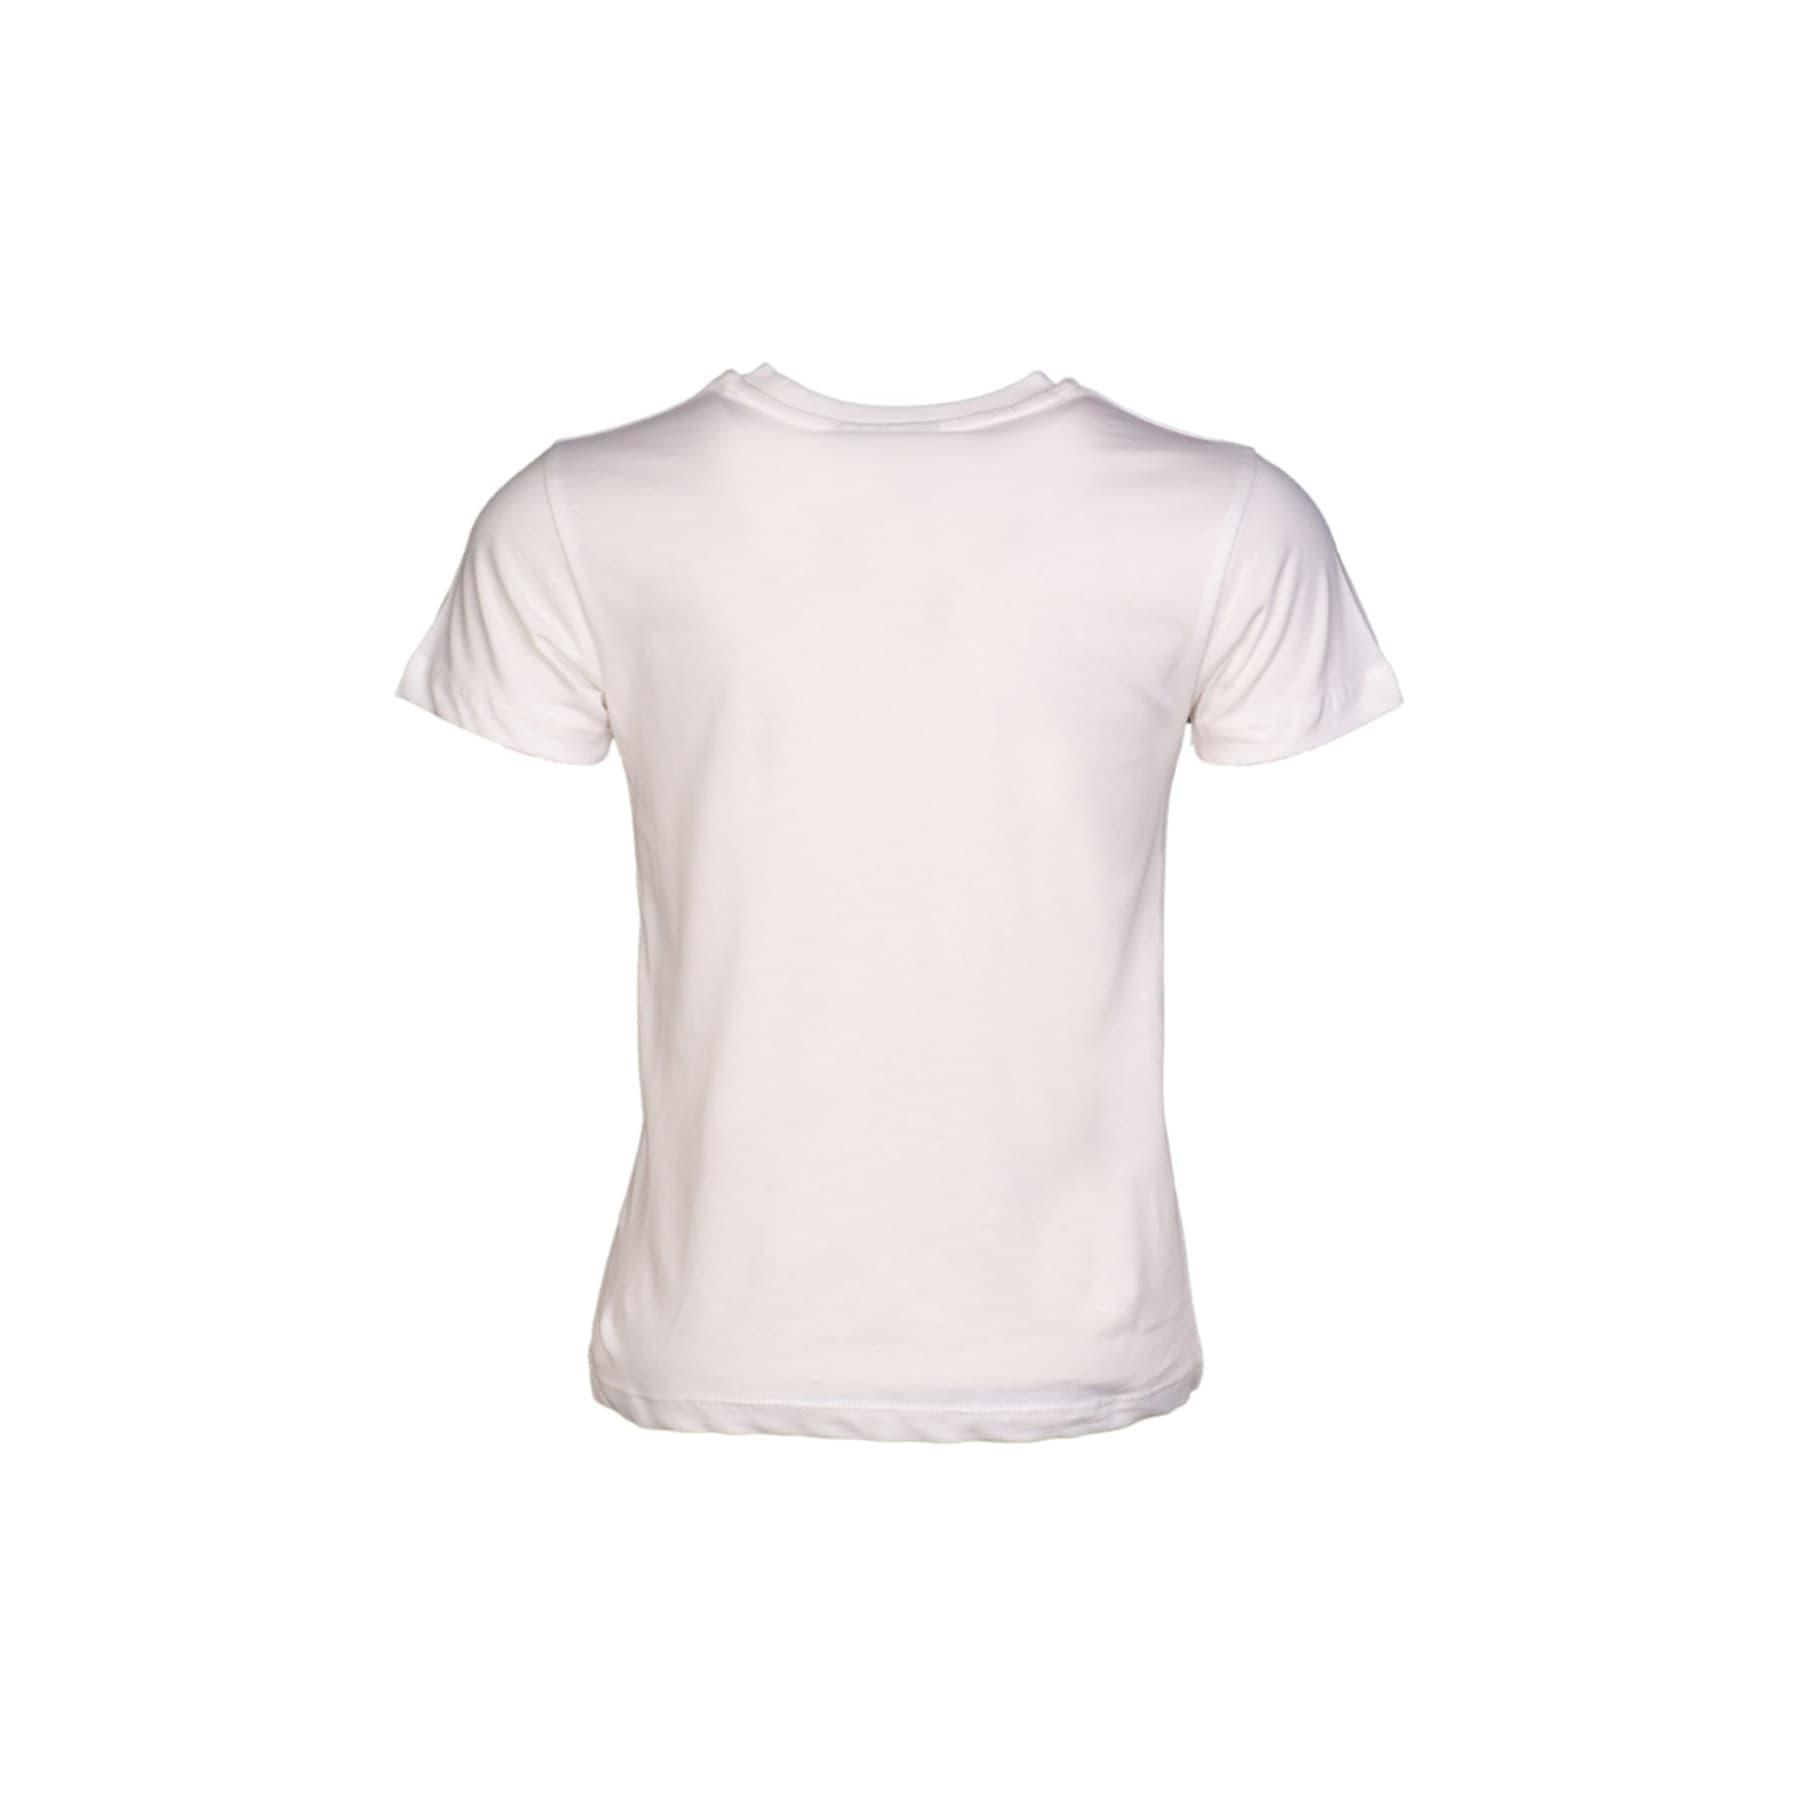 Baina Kız Çocuk Beyaz Tişört (910899-9003)